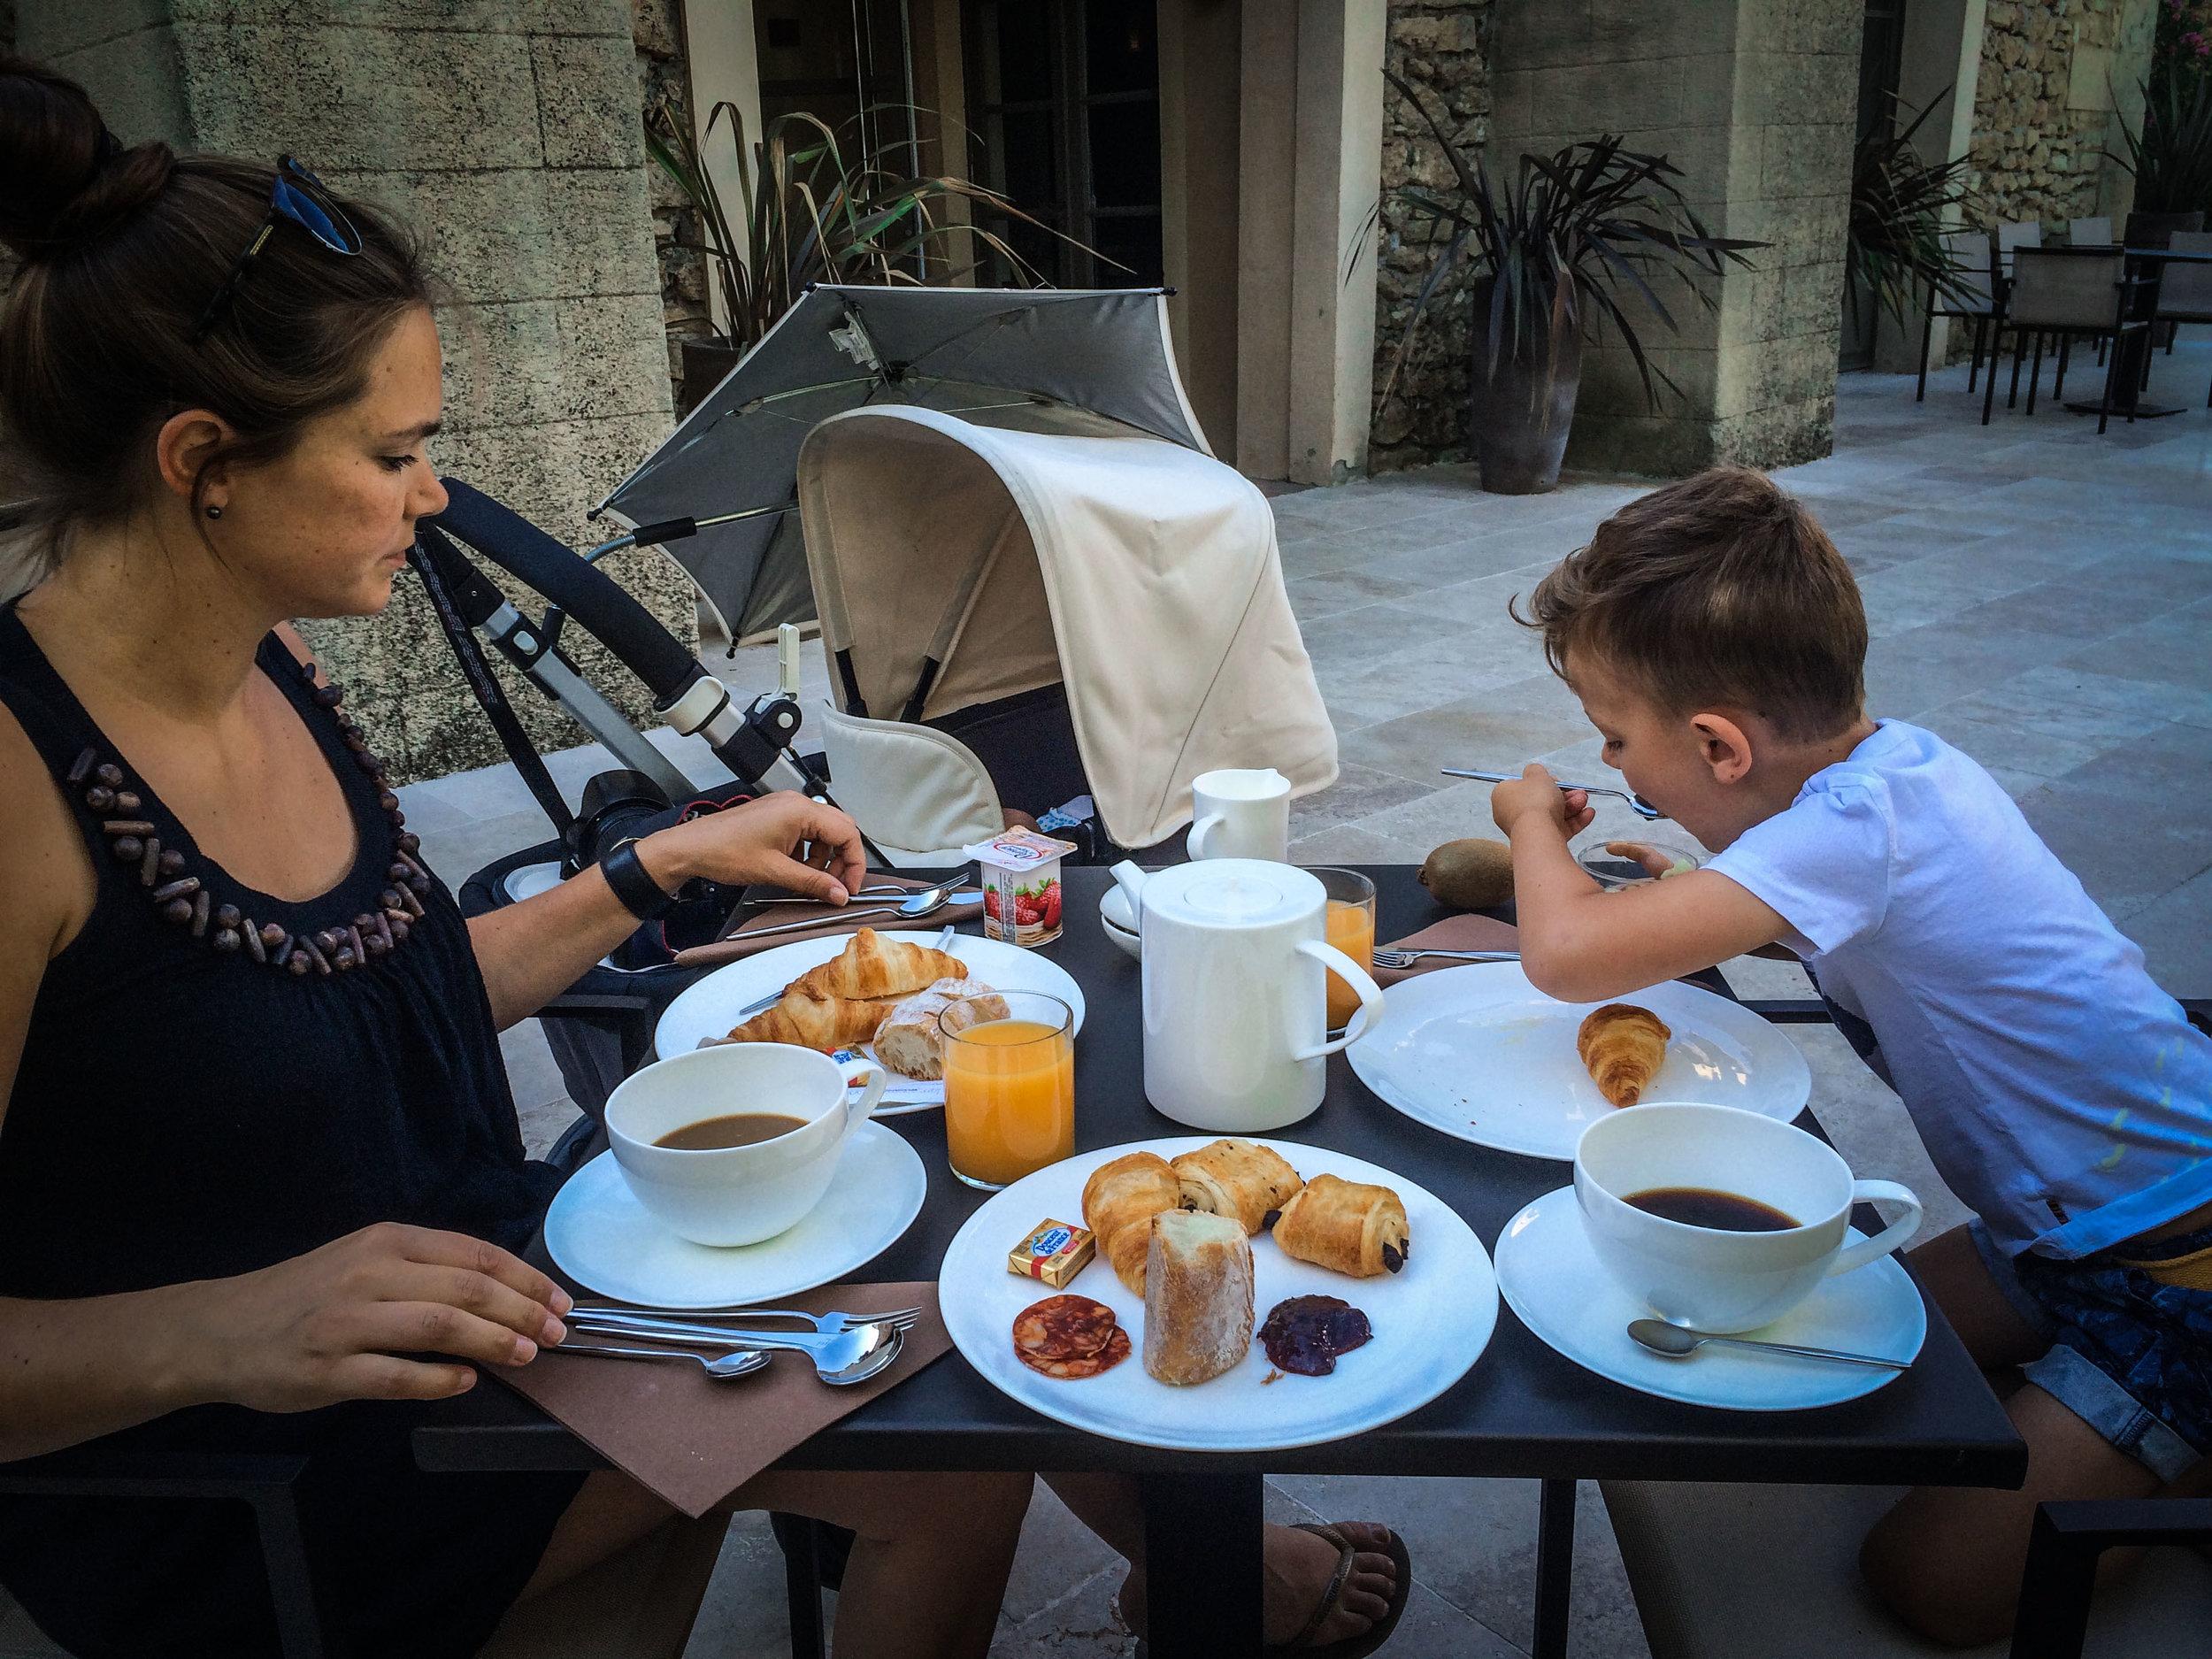 Ontbijt - idyllische hotels - La bégude Saint Pierre - Reizen met kinderen